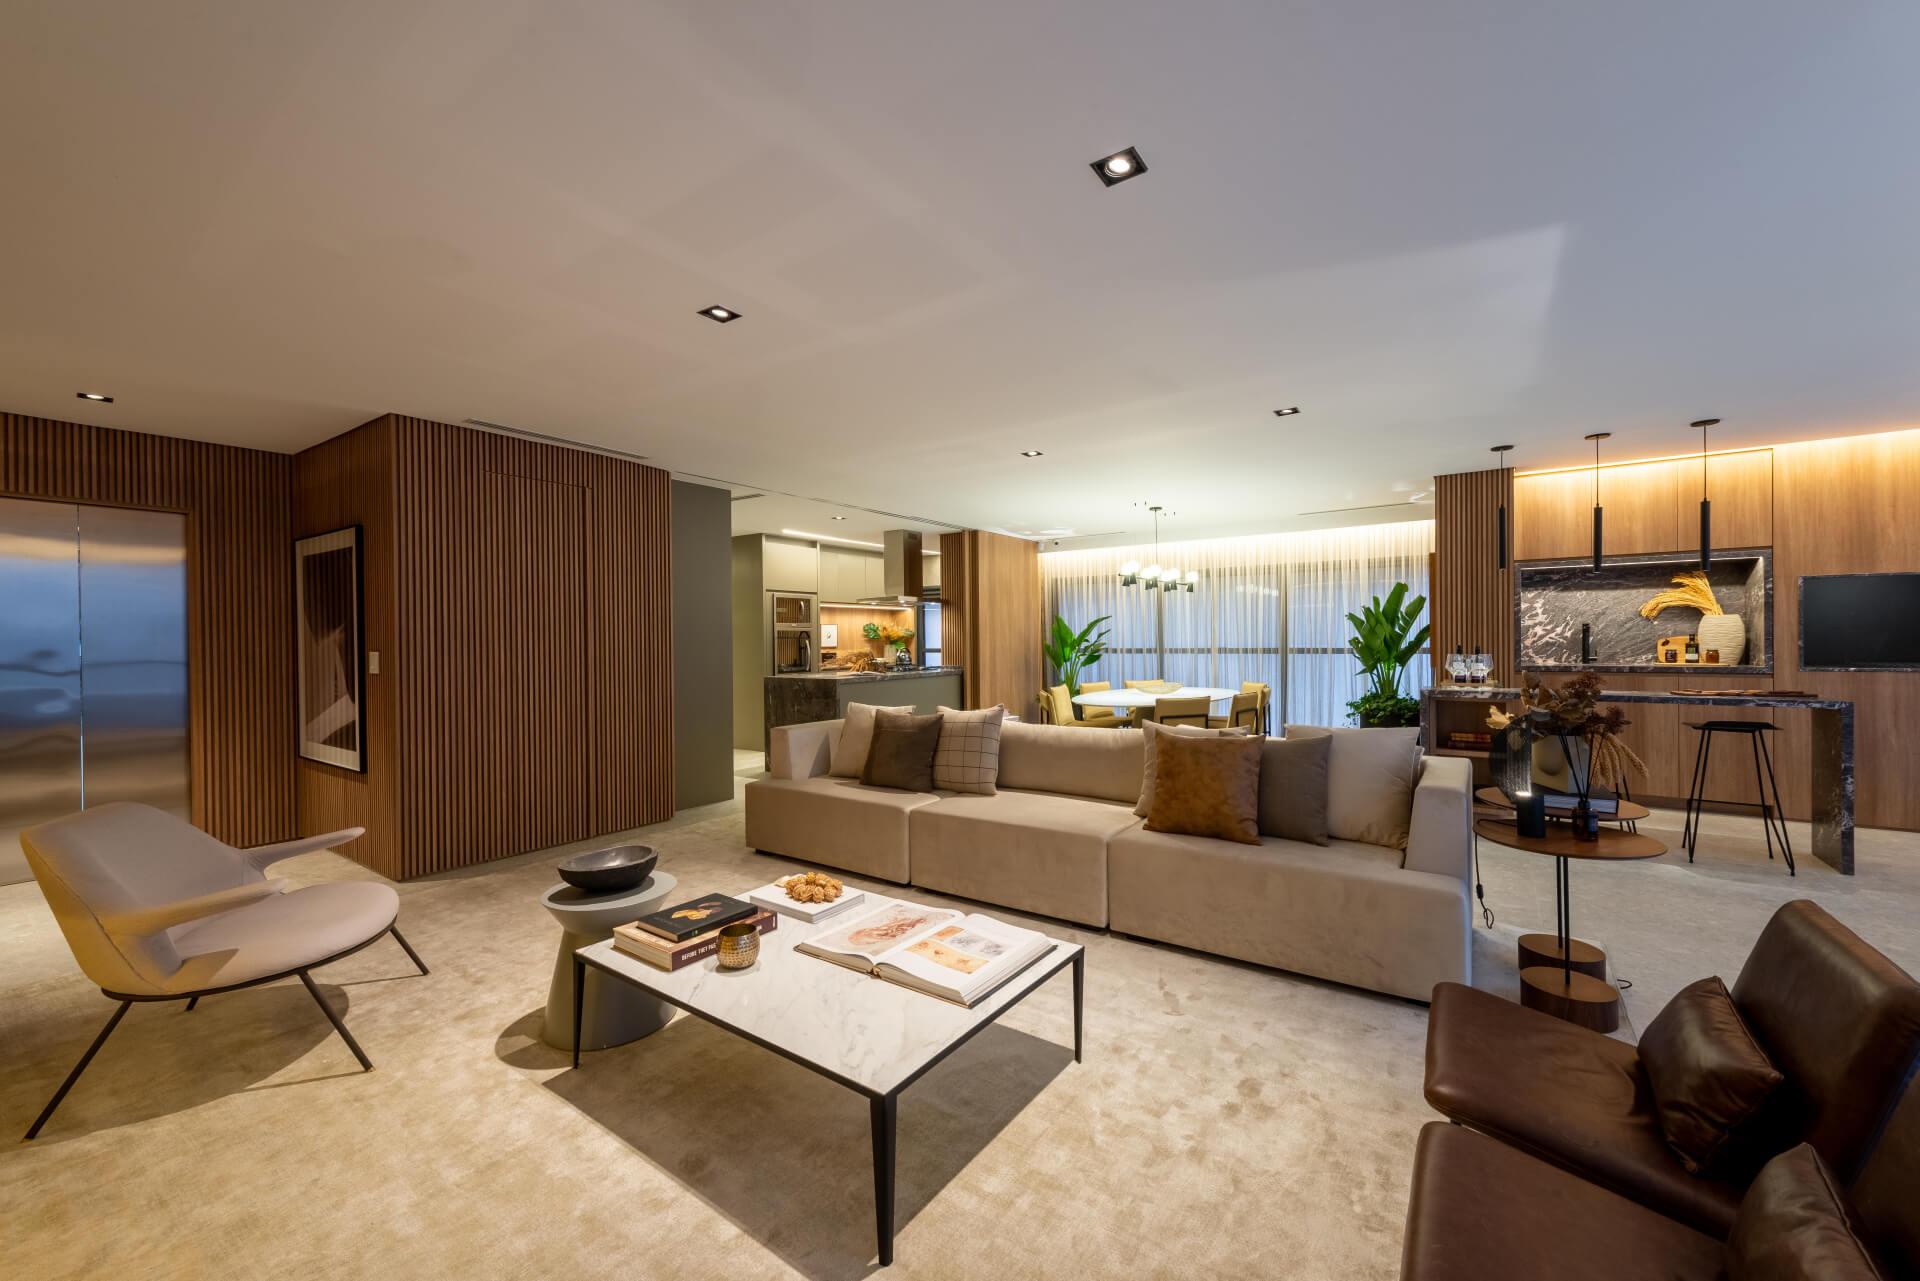 LIVING do apto de 152 m² integrado à varanda, uma configuração que prioriza a convivência familiar e favorece a circulação fluida em toda a área social.